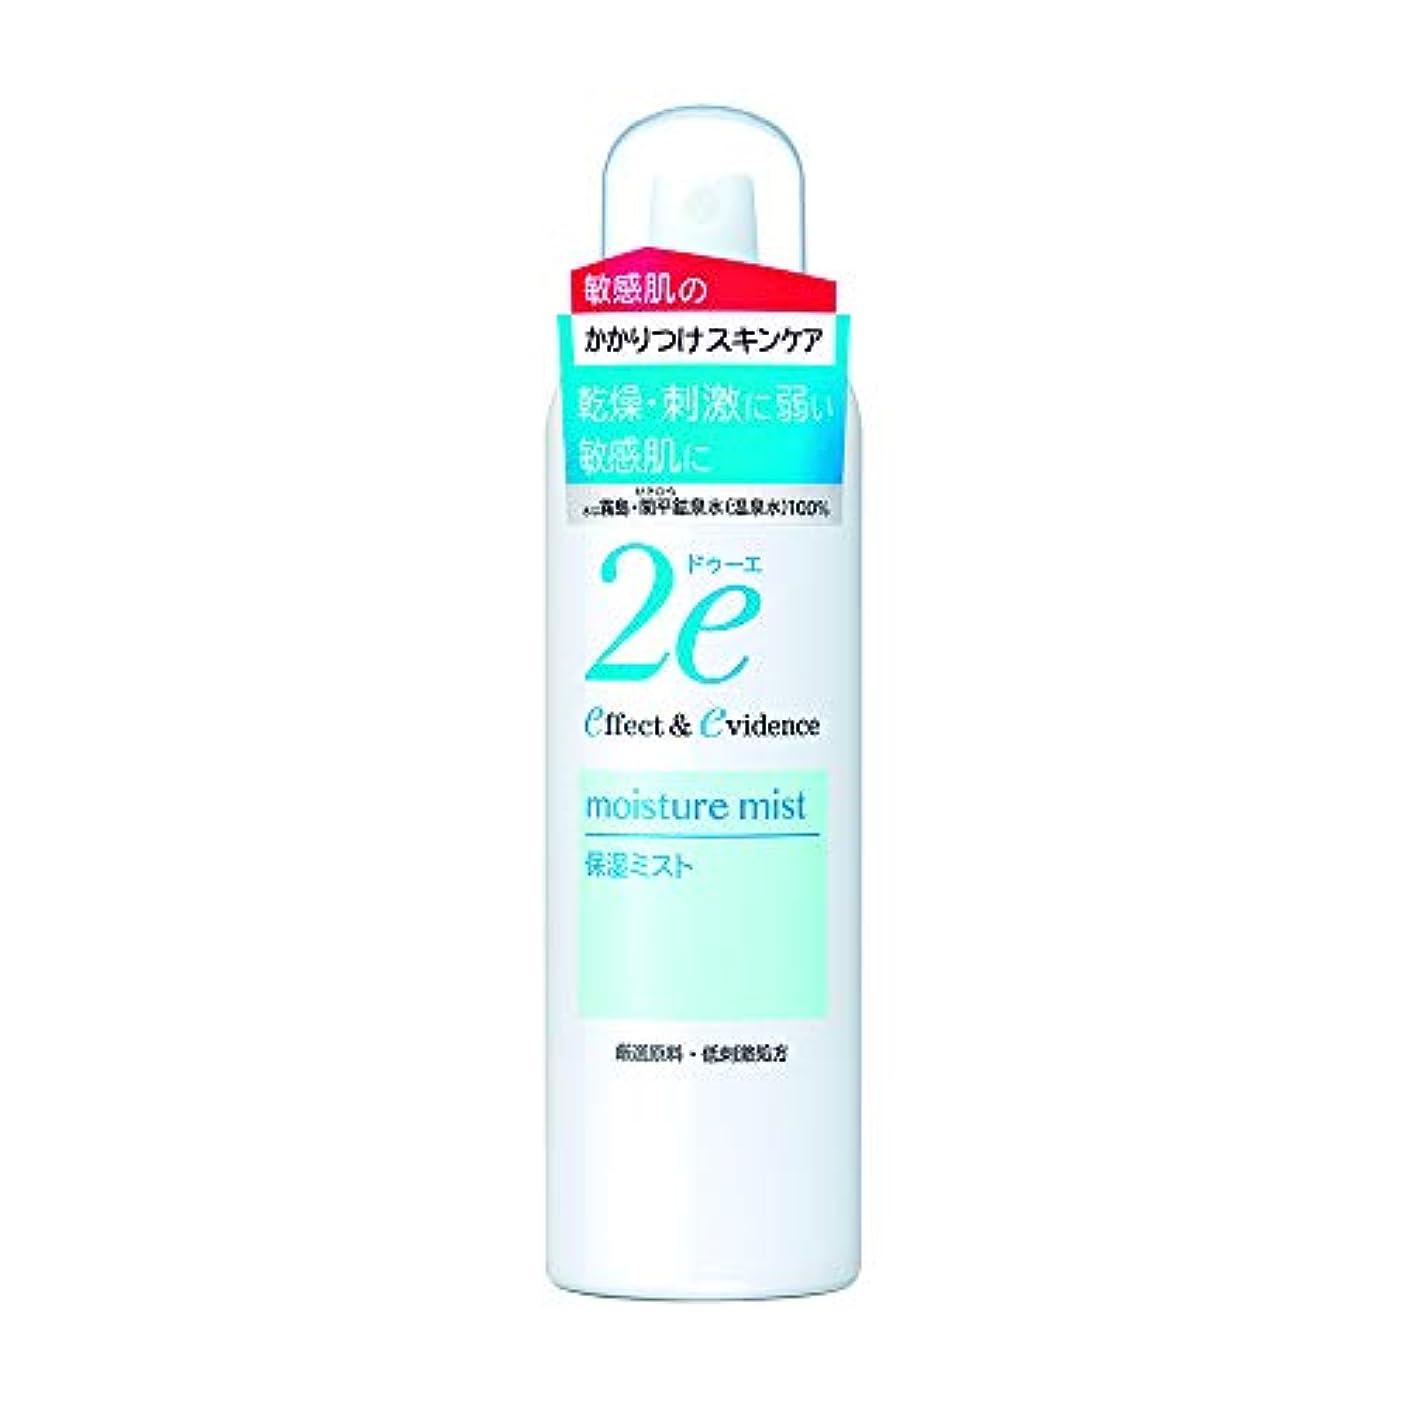 火山学者自分博覧会2e(ドゥーエ) 保湿ミスト 敏感肌用化粧水 スプレータイプ 低刺激処方 180g